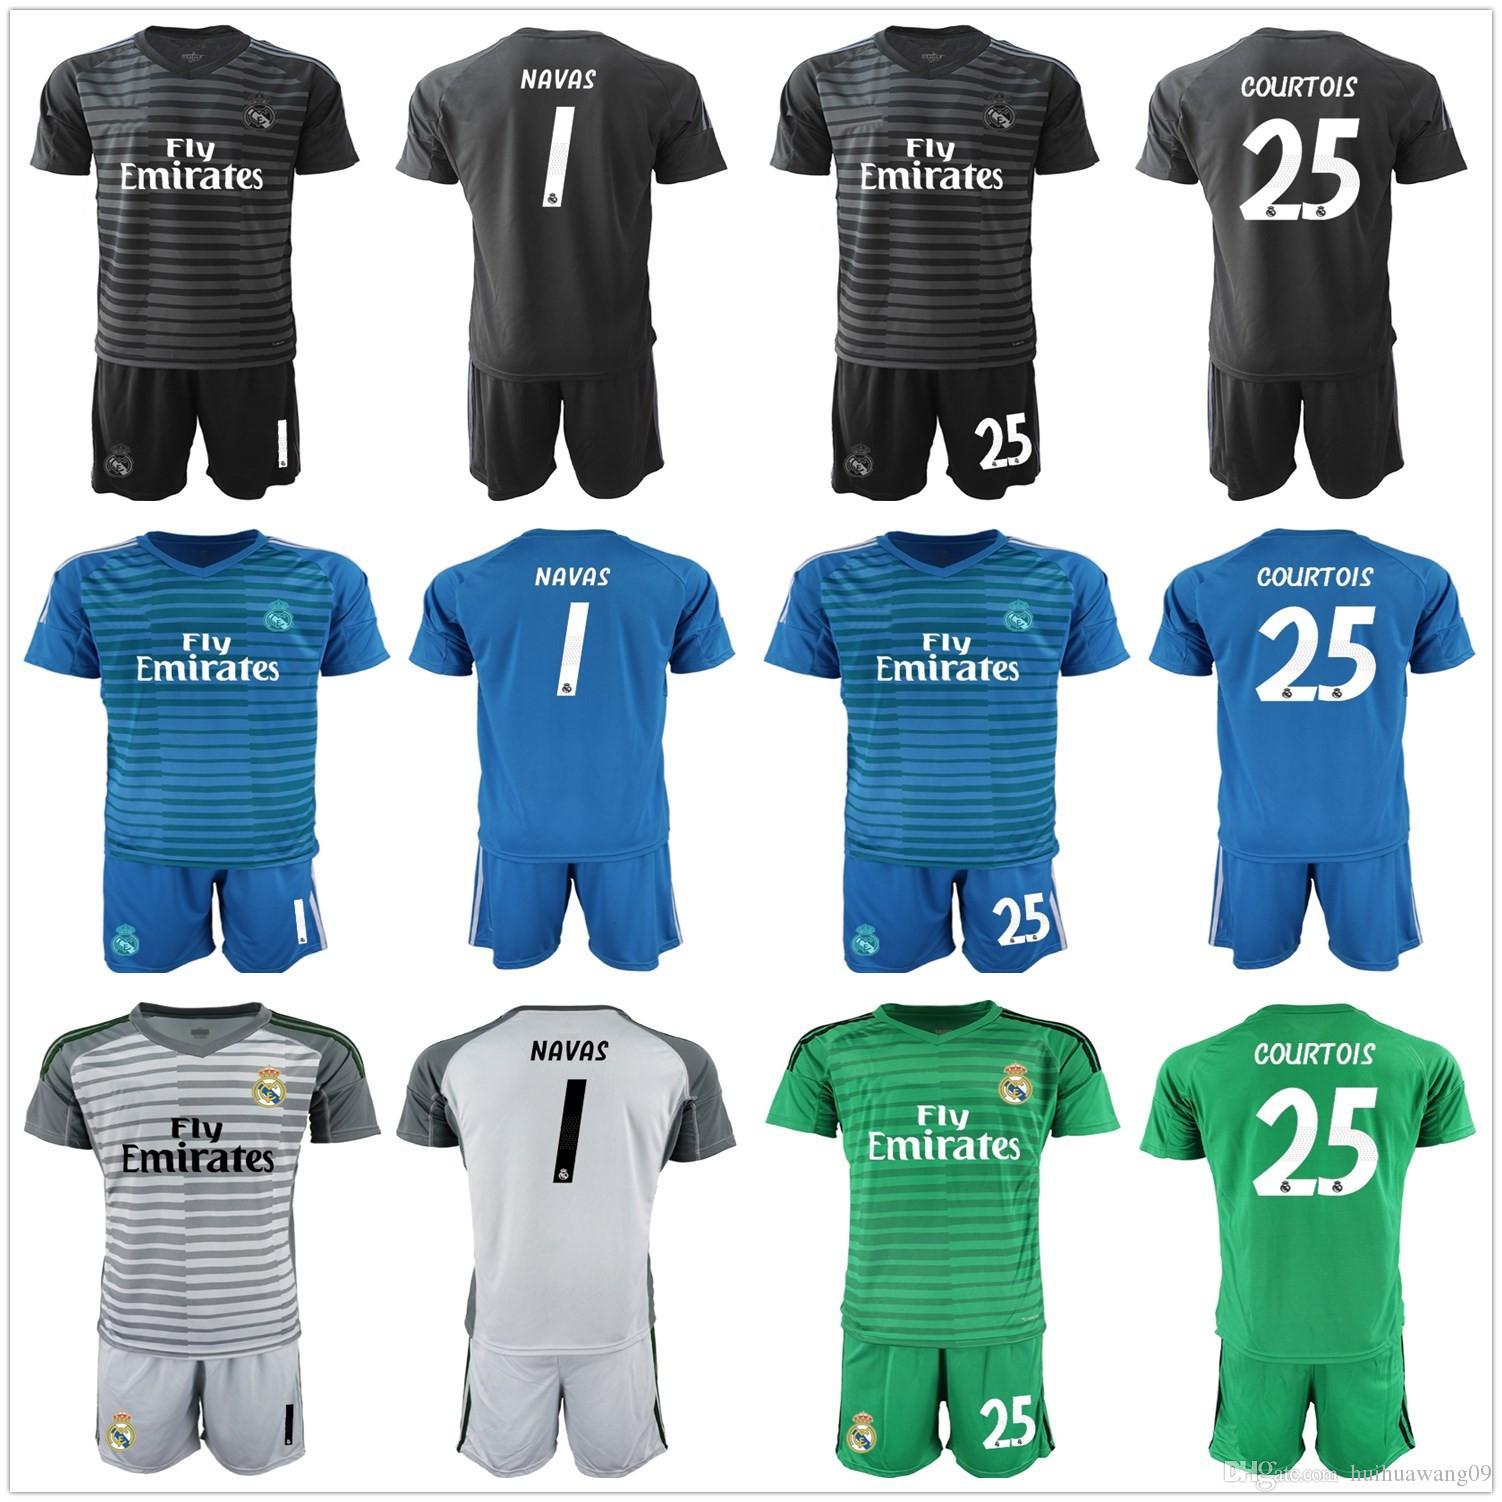 Compre 2018 2019 Adultos Keylor NAVAS 25 Courtois Conjuntos De Futebol Real  Madrid Goleiro Jersey Kit Homens Benzema Bale Goleiro Uniforme De Futebol  Preto ... c54fb2266dd66